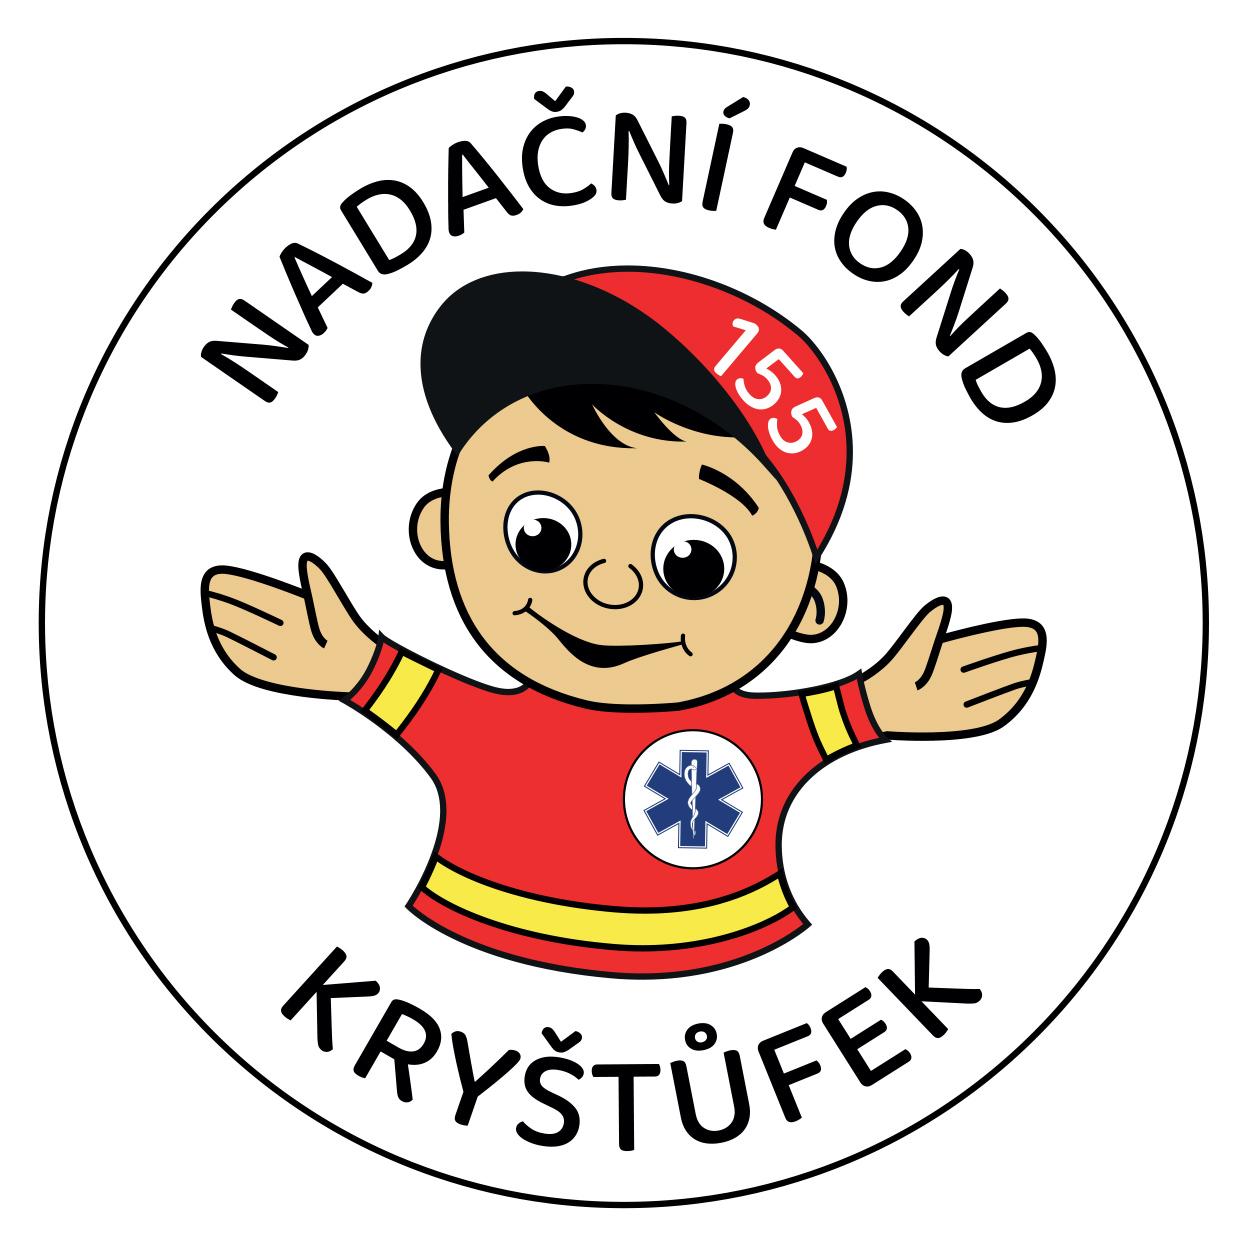 Nadační fond Kryštůfek